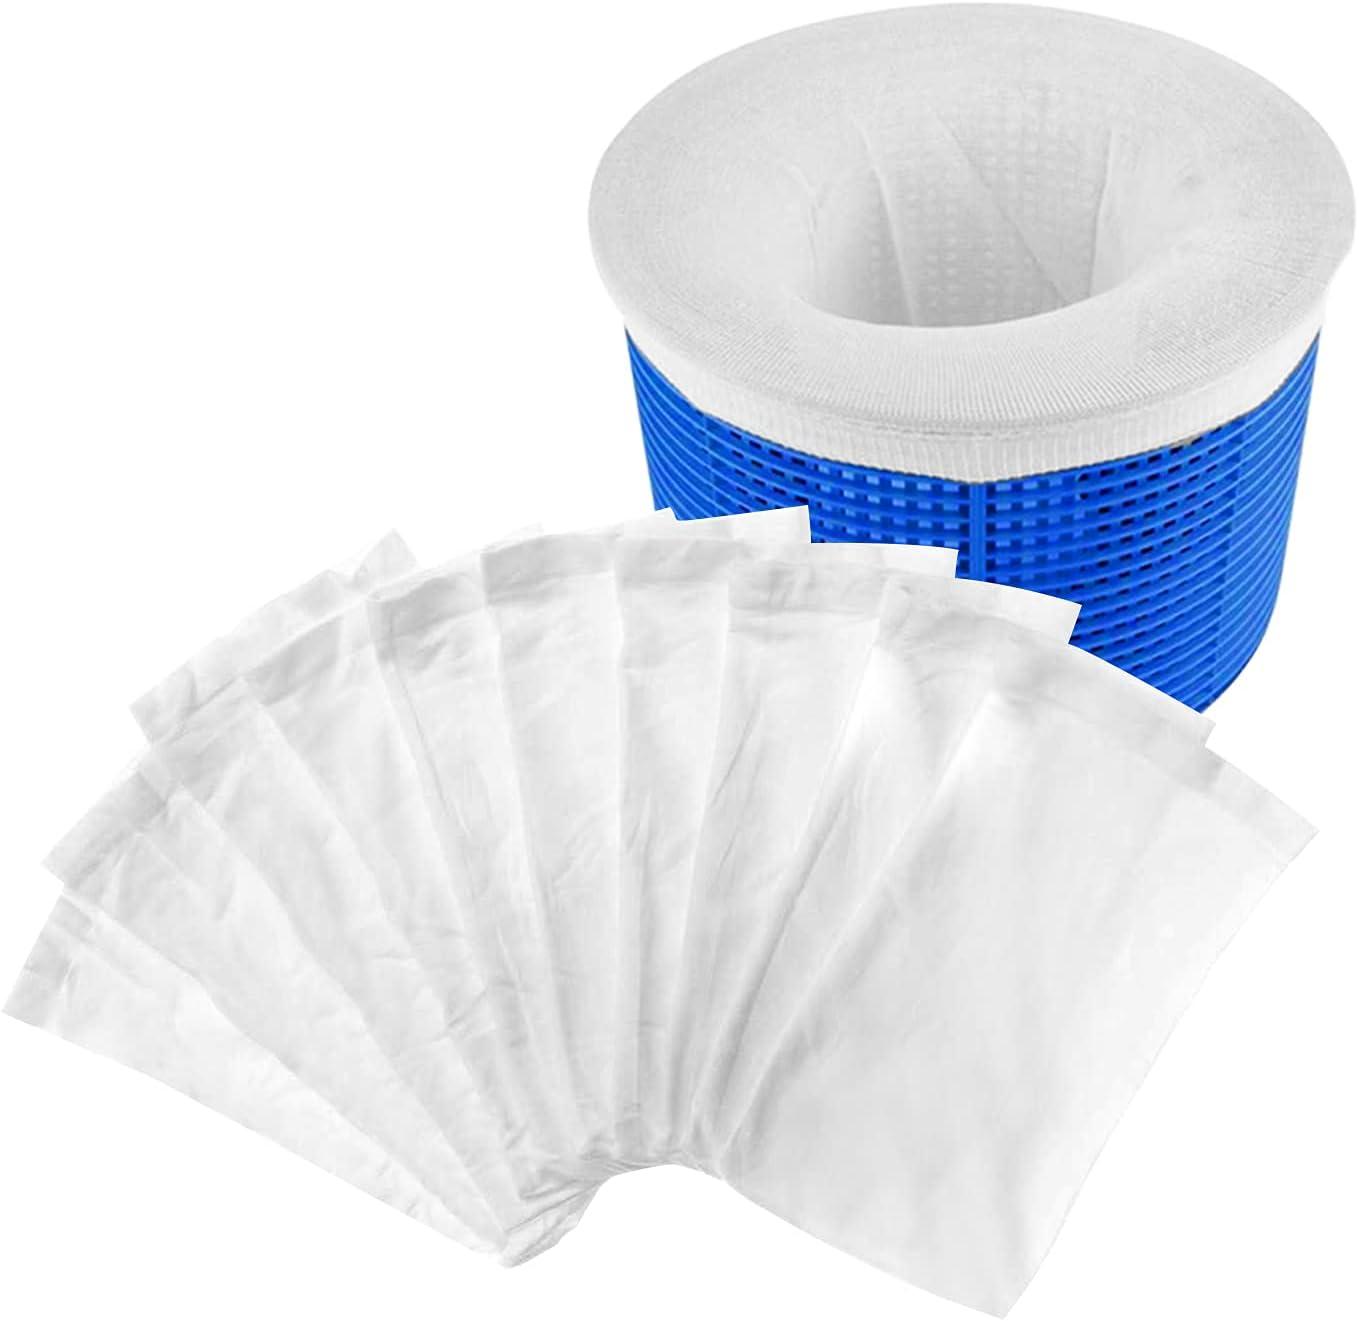 10 Piezas Calcetines Skimmer Piscina, Pool Skimmer Socks,Calcetines Protectores para Filtros ,Calcetín que se Puede Reutilizarde Piscina para escoria de aceite de Hoja, Espuma, Polen, Insectos